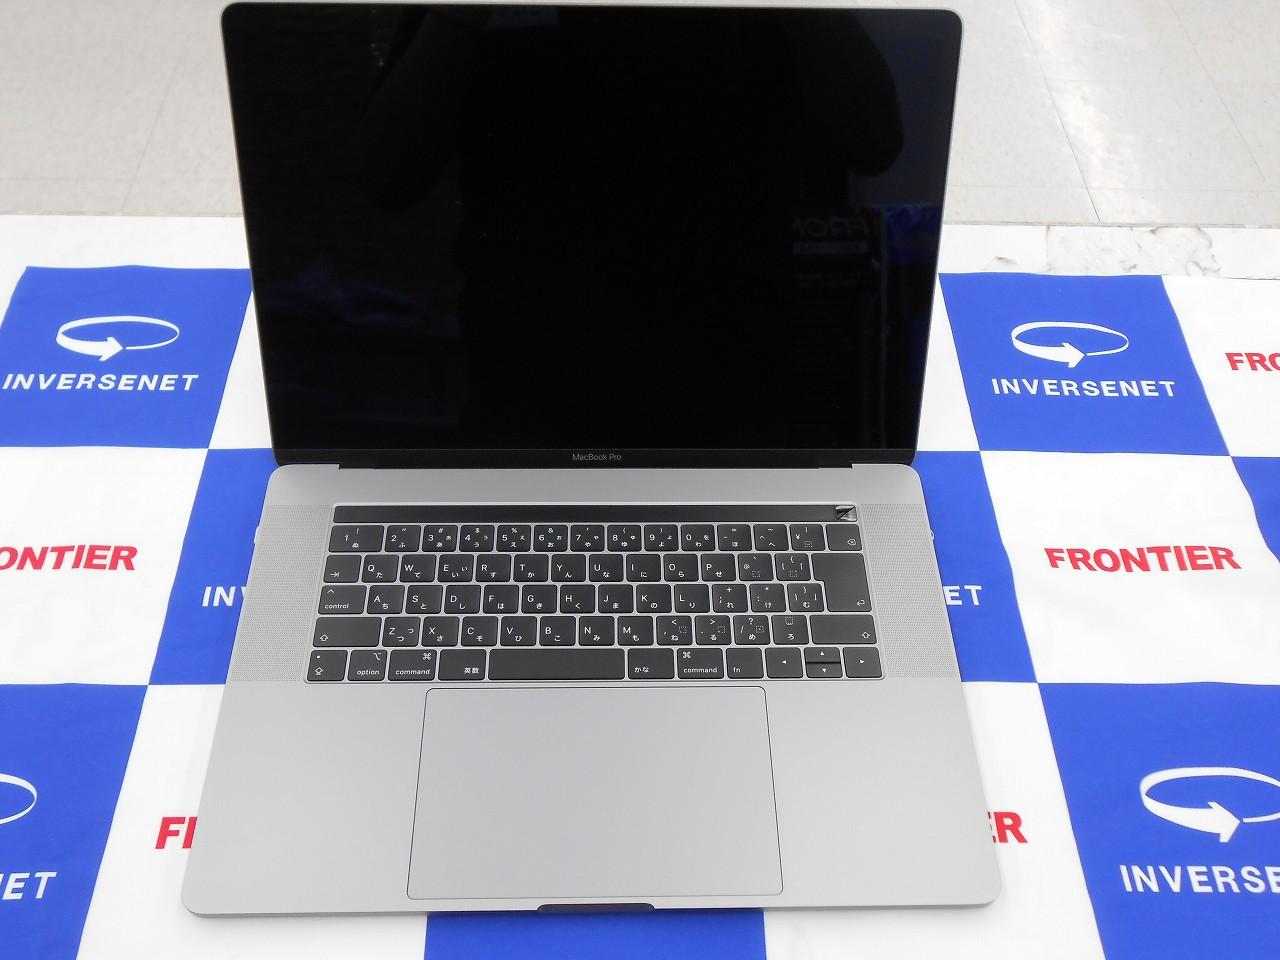 【中古】 Apple MacBookPro MR932J/A/Mid2018/Corei7 2.2GHz/メモリ16GB/SSD256GB/15インチ/Mac OS X Catalina【3ヶ月保証】【足立店発送】